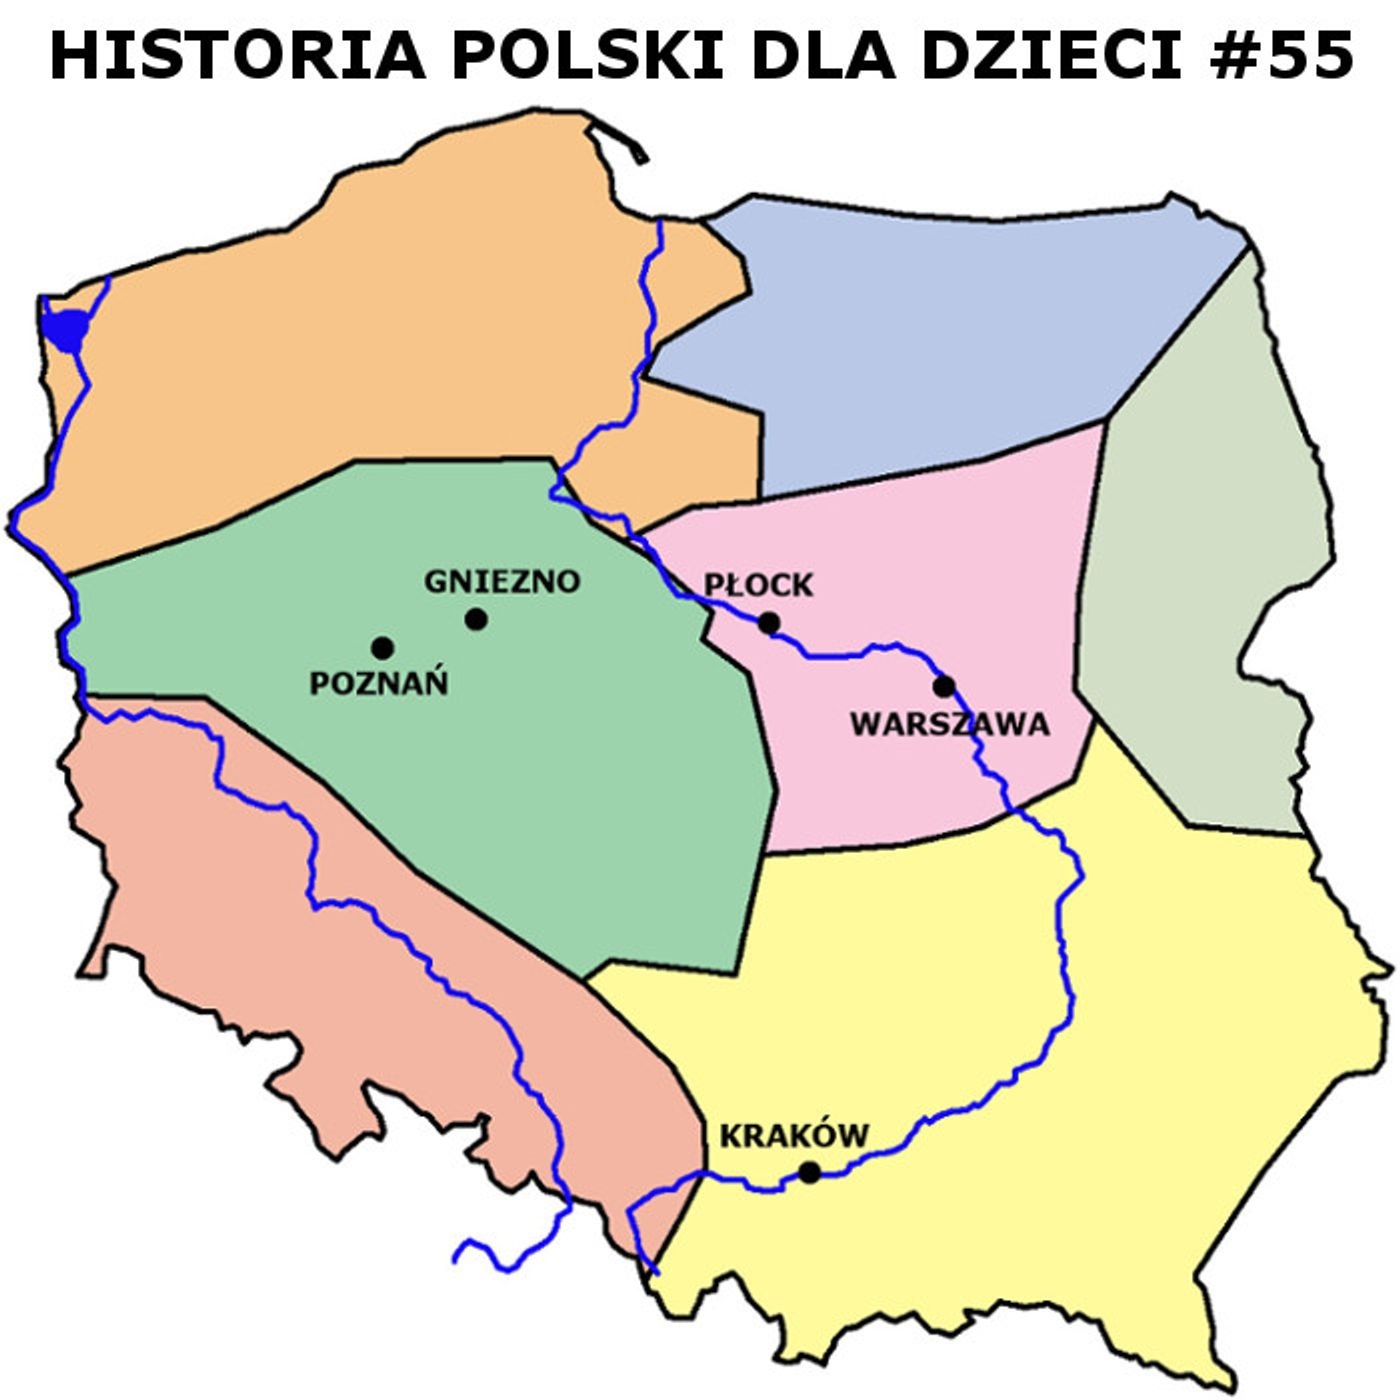 55 - Stolice Polski